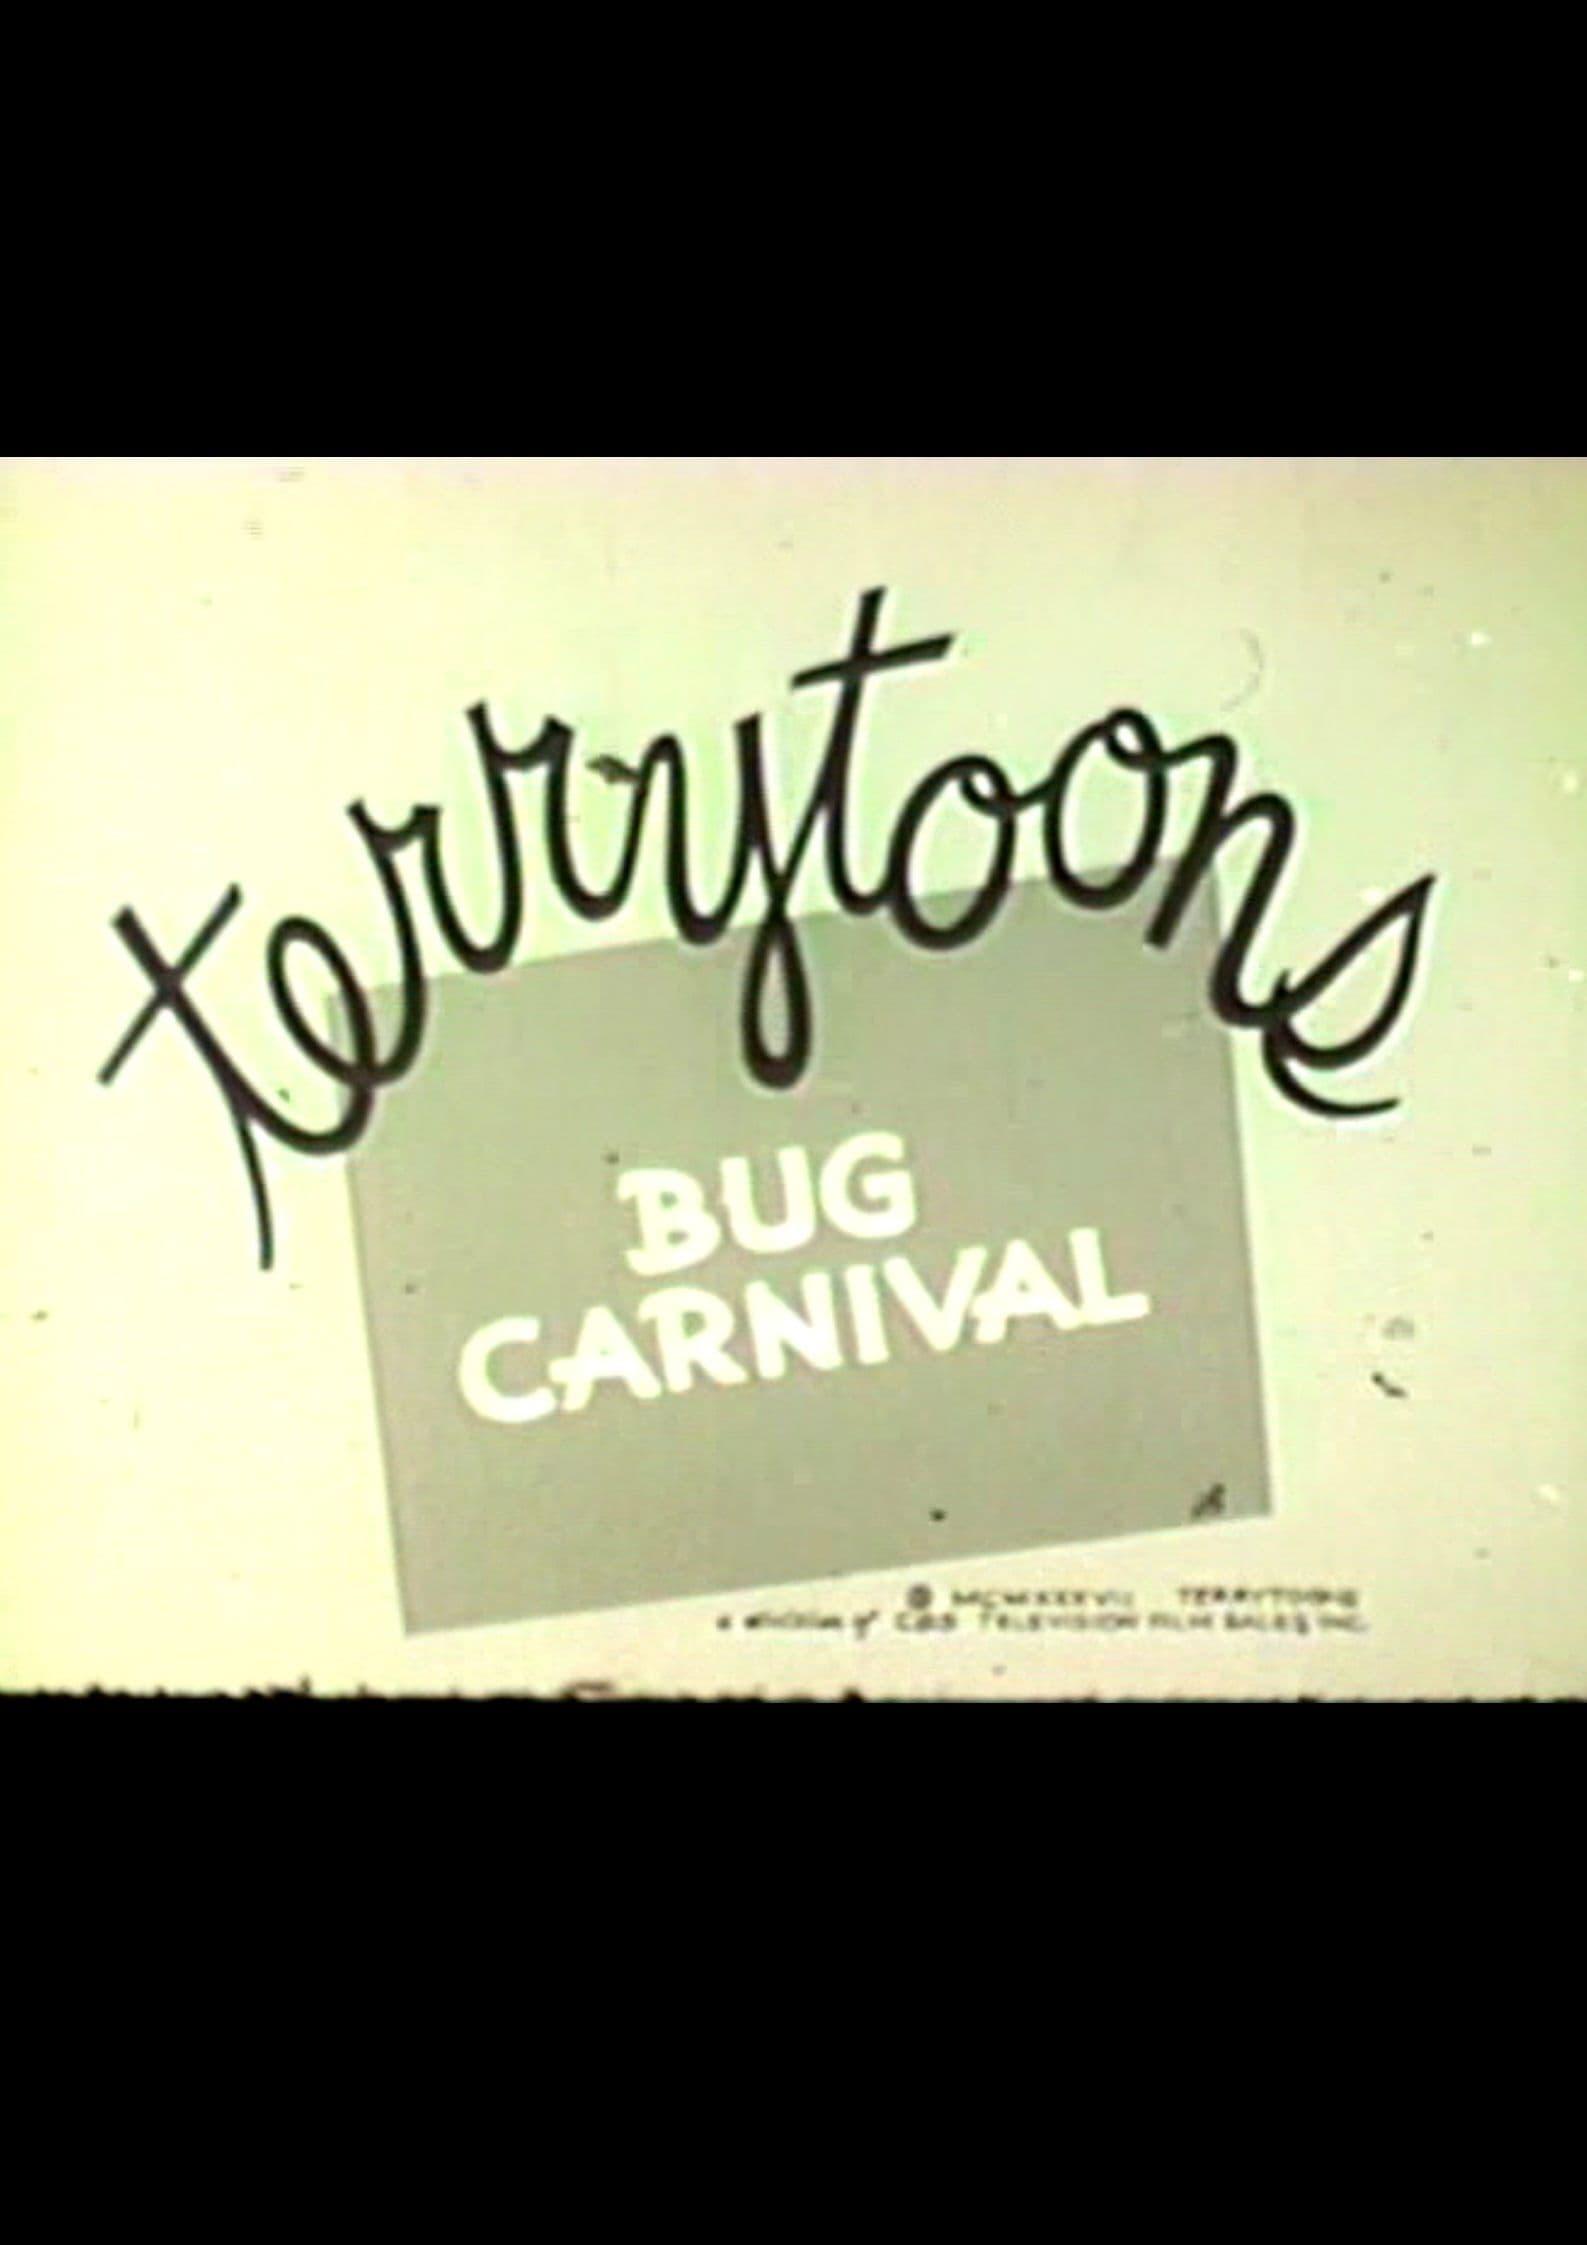 Bug Carnival